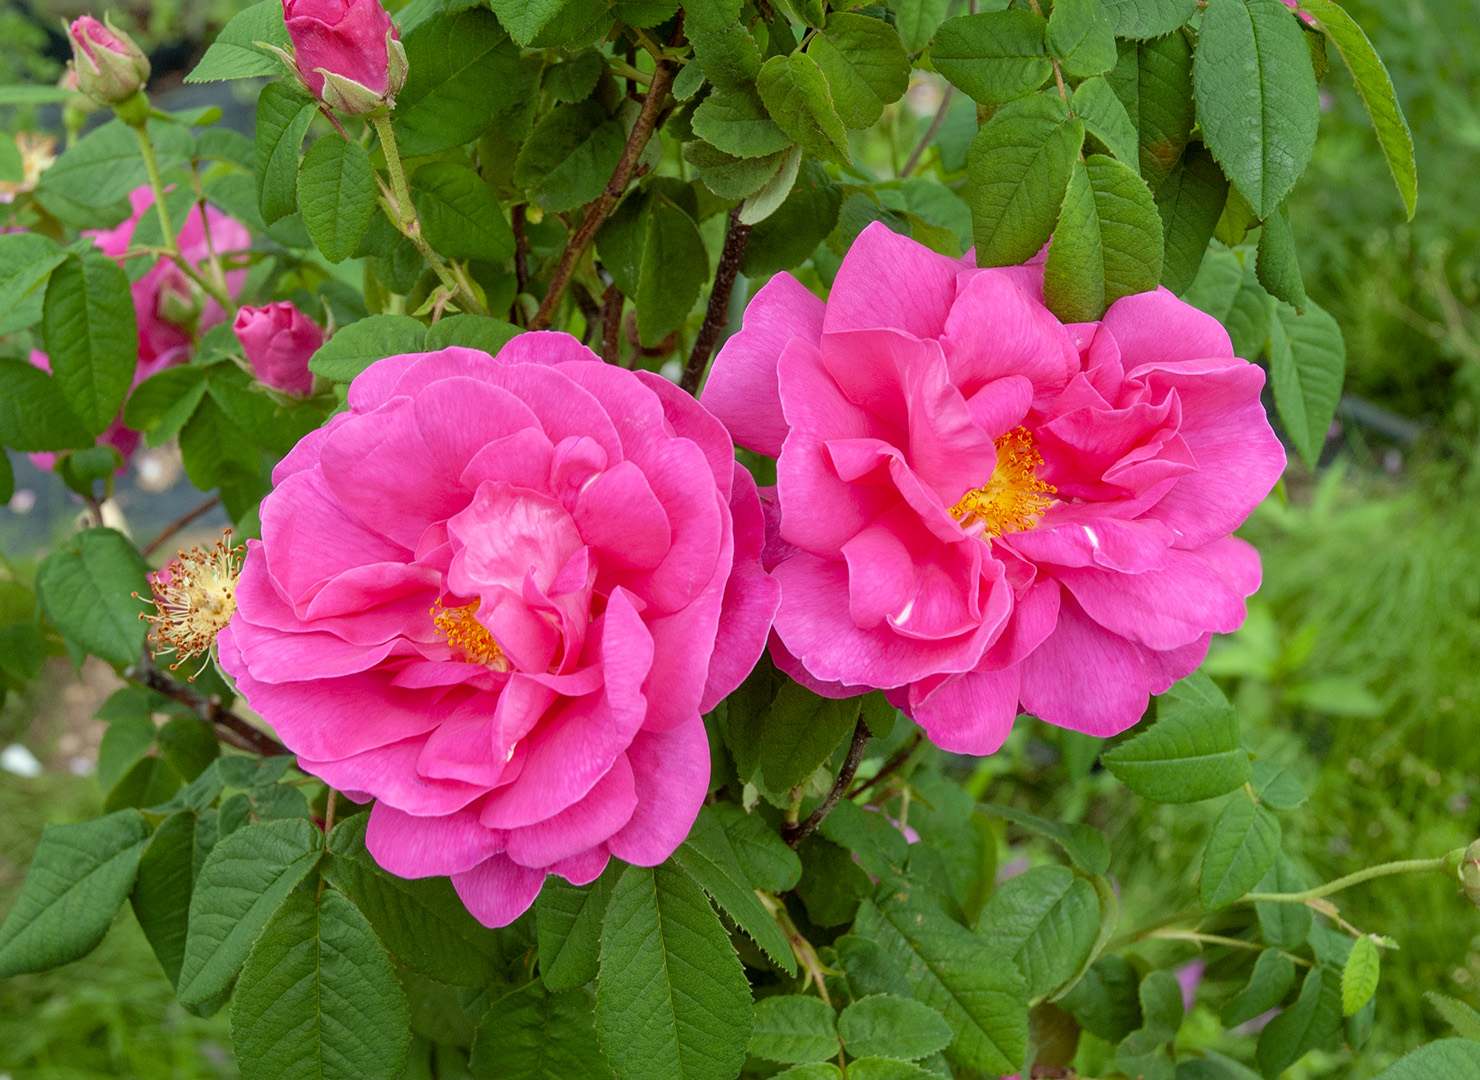 ロサ ガリカ オフィキナリス - Rosa gallica officinalis